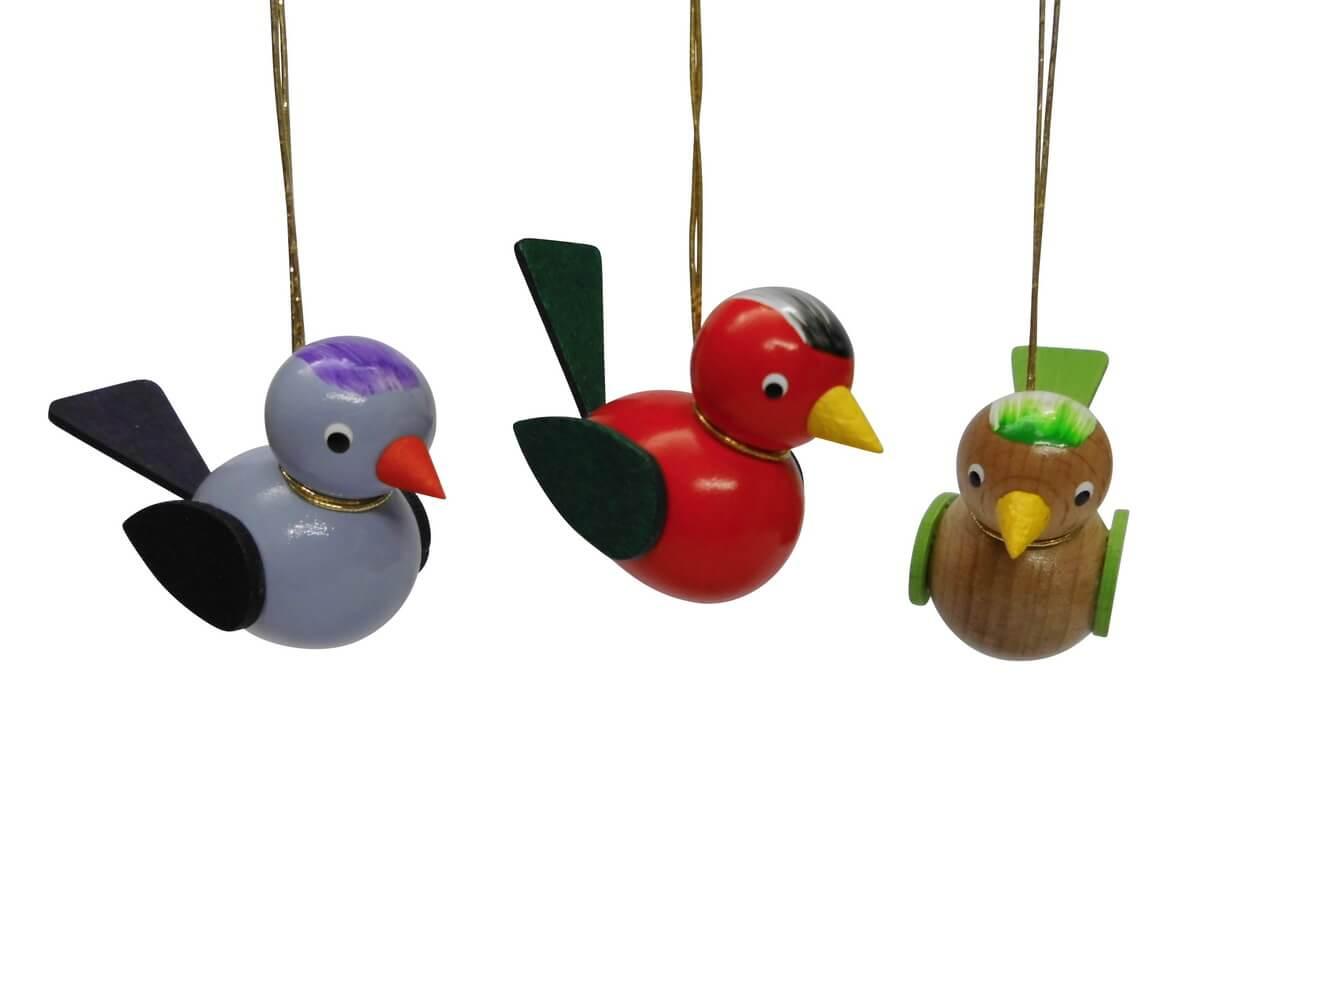 Vögel zum hängen, 3 Stück, lila/rot/braun, 5 x 4 cm von Nestler-Seiffen.com OHG Seiffen/ Erzgebirge